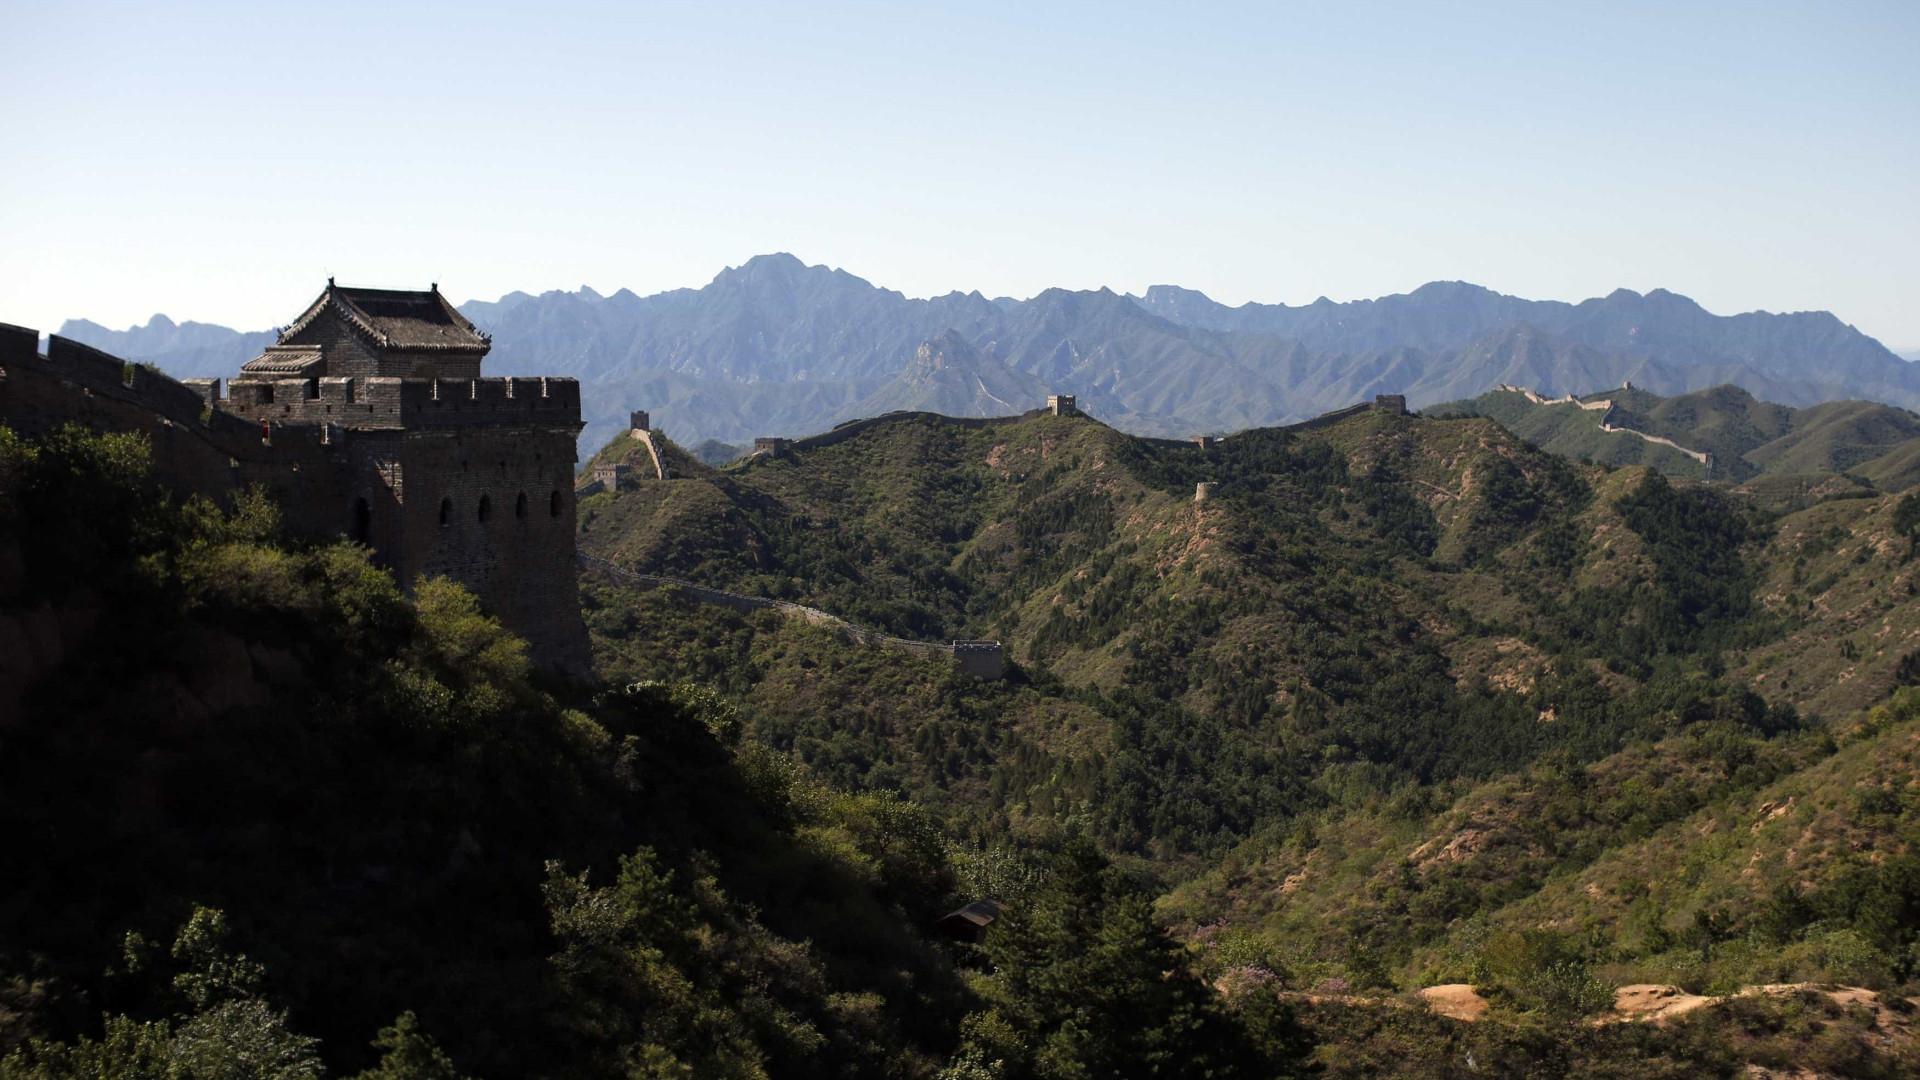 Airbnb cancela concurso para dormir na Grande Muralha após contestação